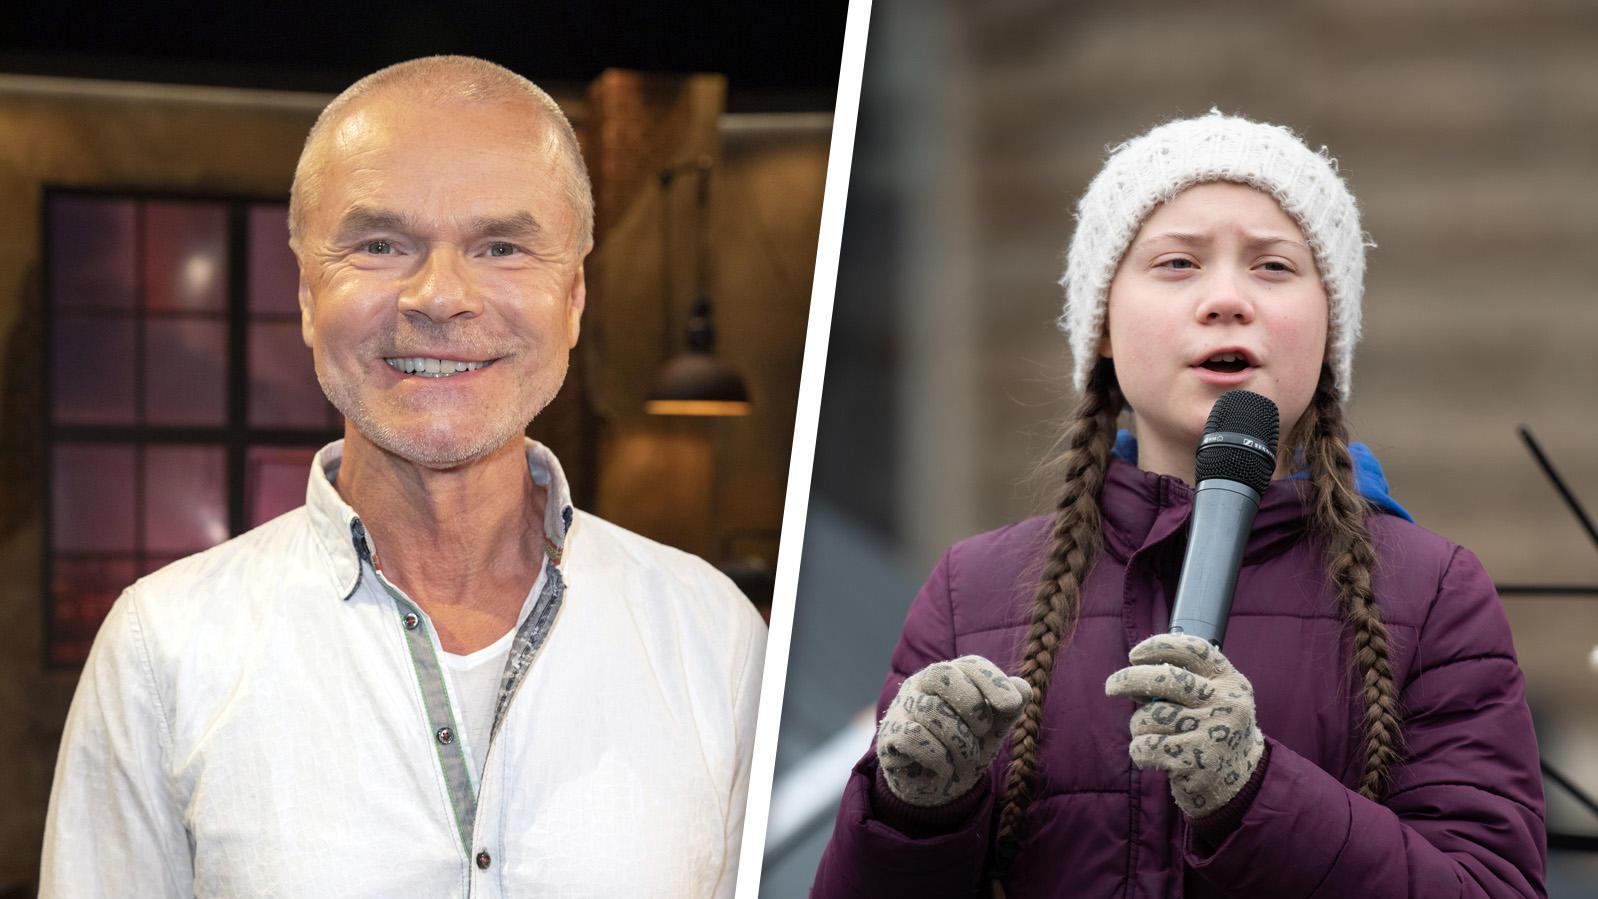 In einem offenen Brief kritisiert Radiomoderator Jürgen Domian die Klimaschützerin Greta Thunberg